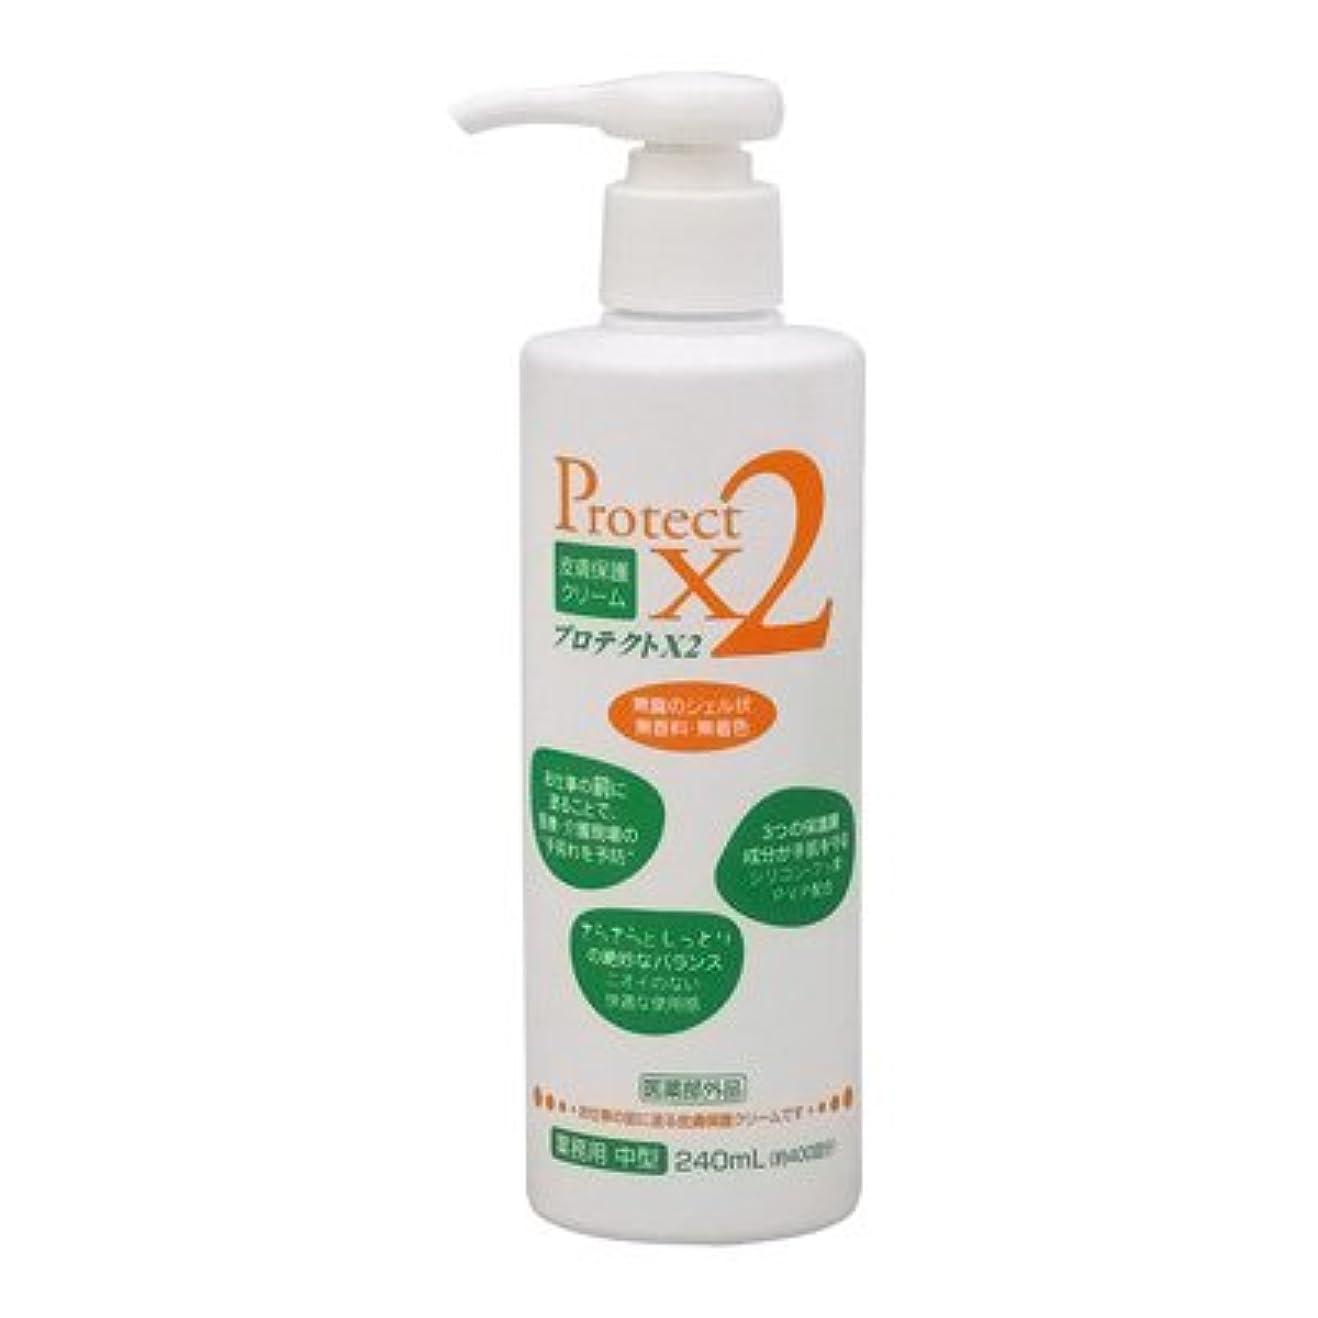 目的苦情文句用心深い皮膚保護クリーム プロテクトX2 240ml(中型)